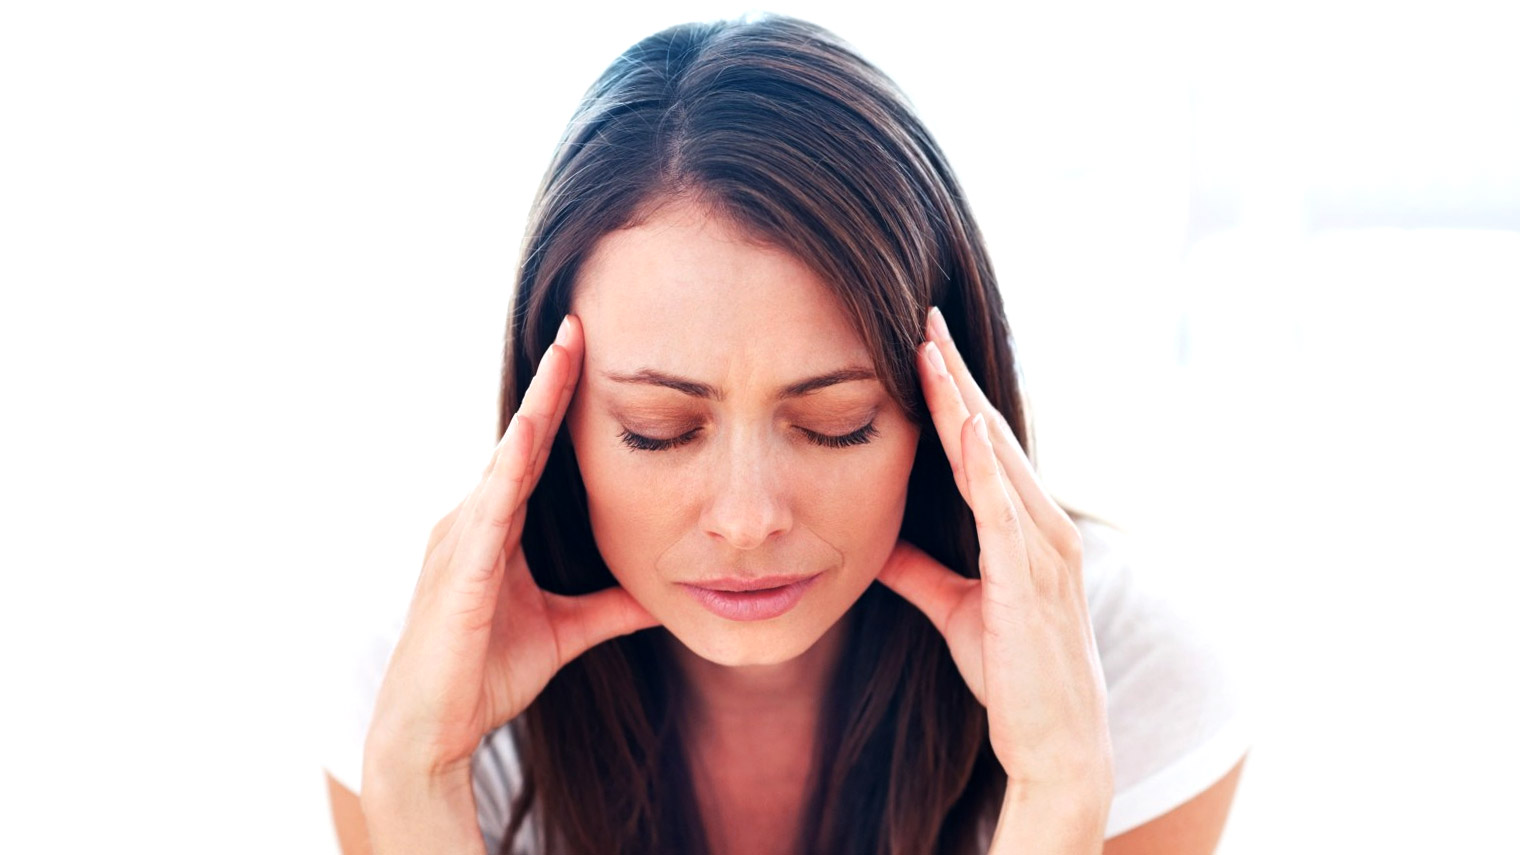 Признаки и симптомы инсульта и микроинсульта у женщины